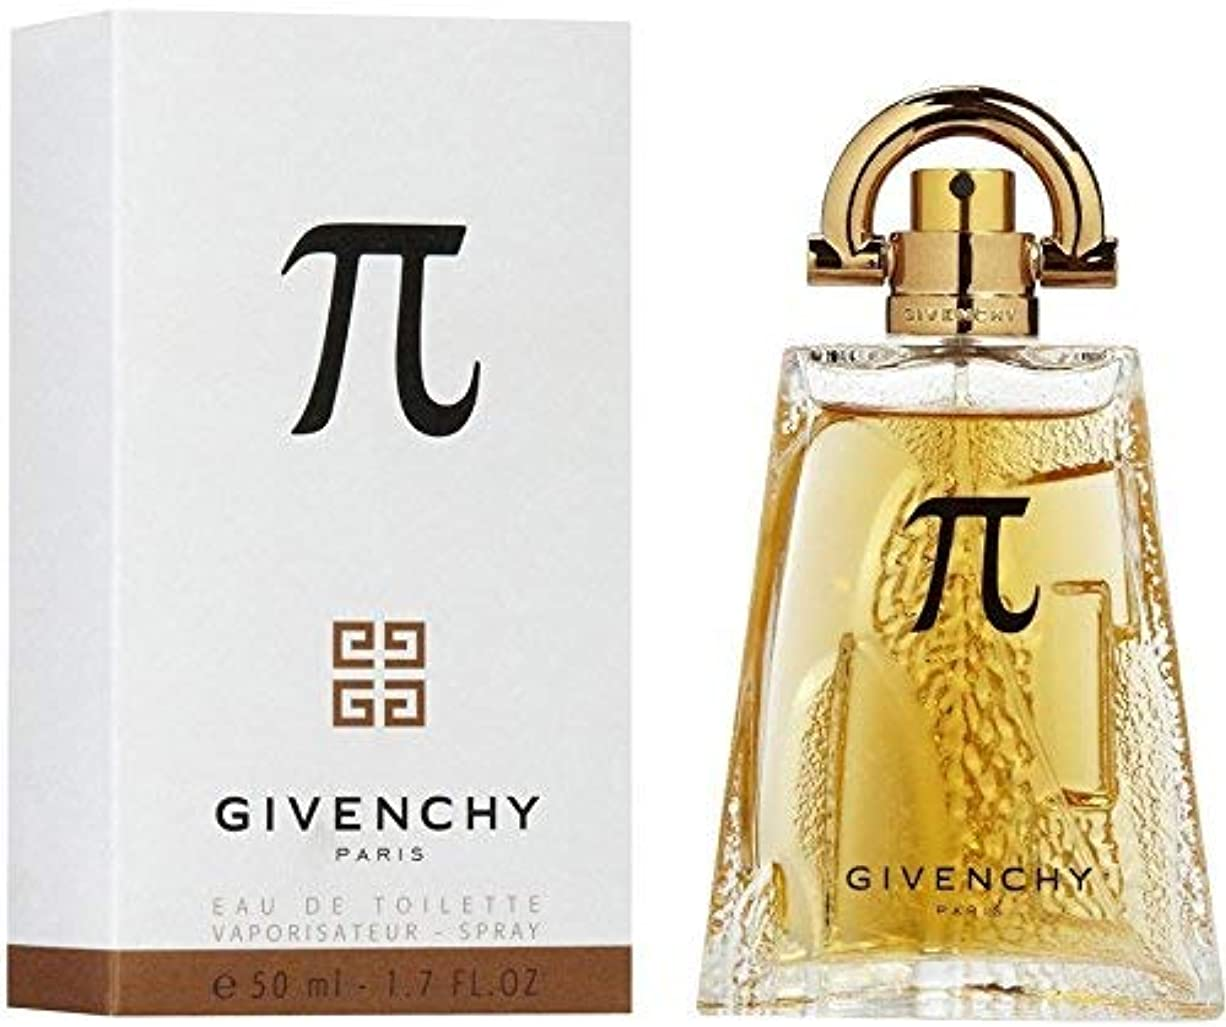 発明必要としている残り物ジバンシー GIVENCHY パイ π EDT SP 50ml オーデトワレスプレー ジバンシー GIVENCHY